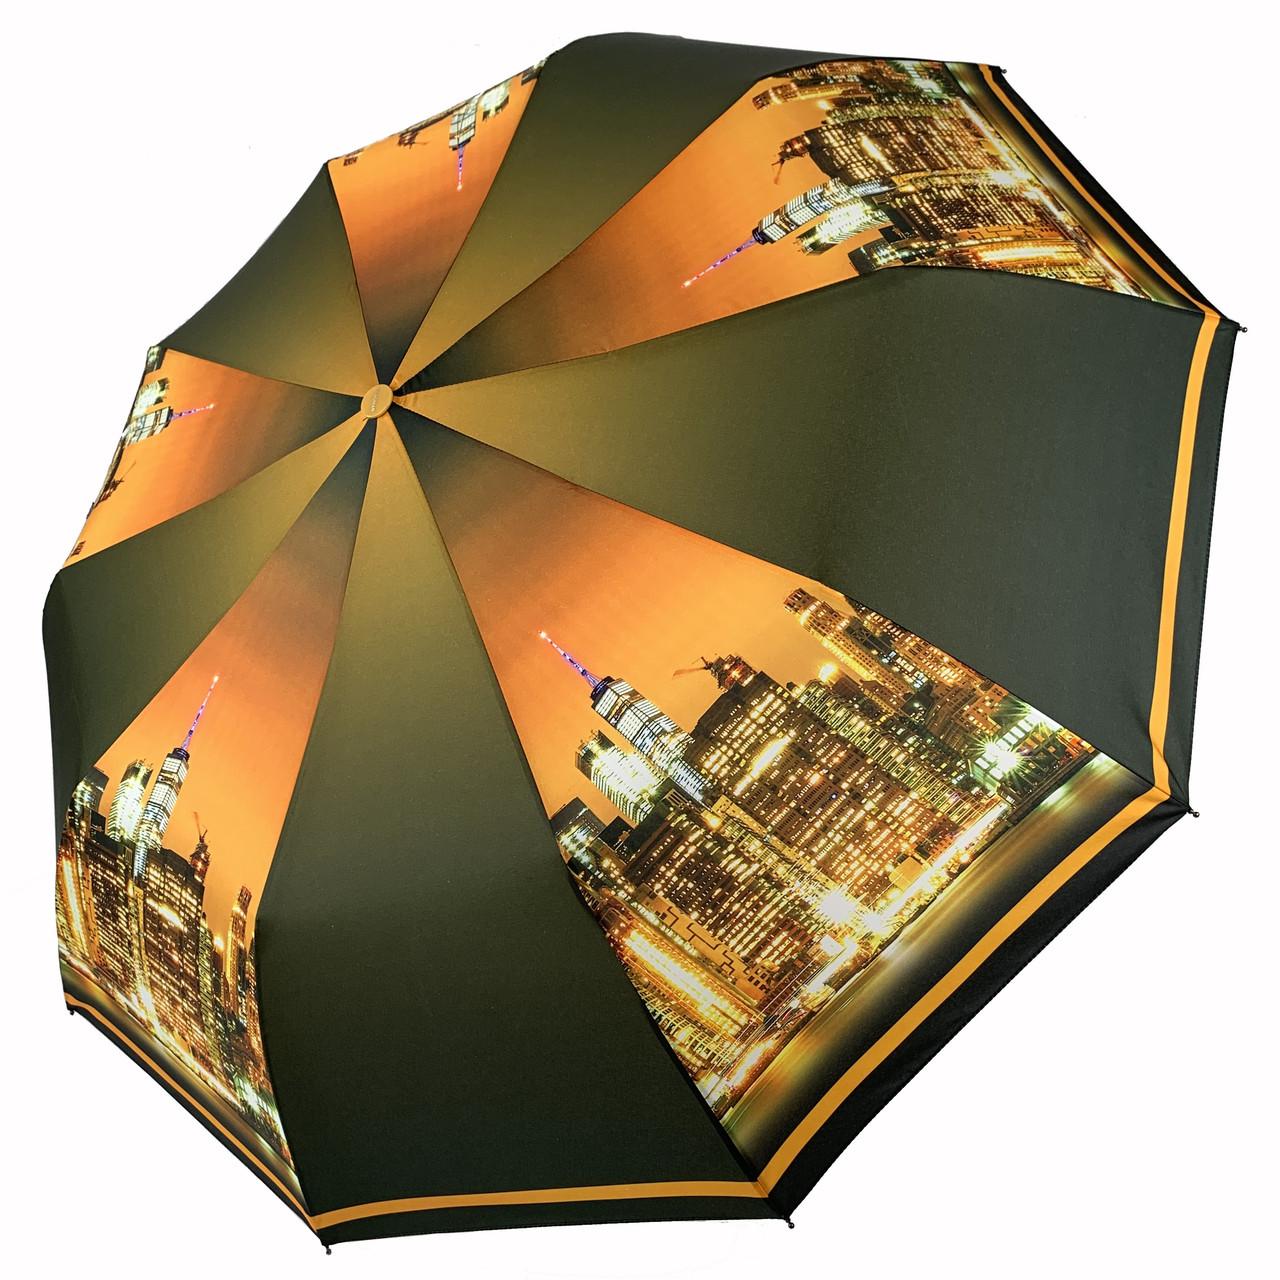 Женский складной автоматический зонтик c принтом ночного города от Flagman, коричневый, 510-4